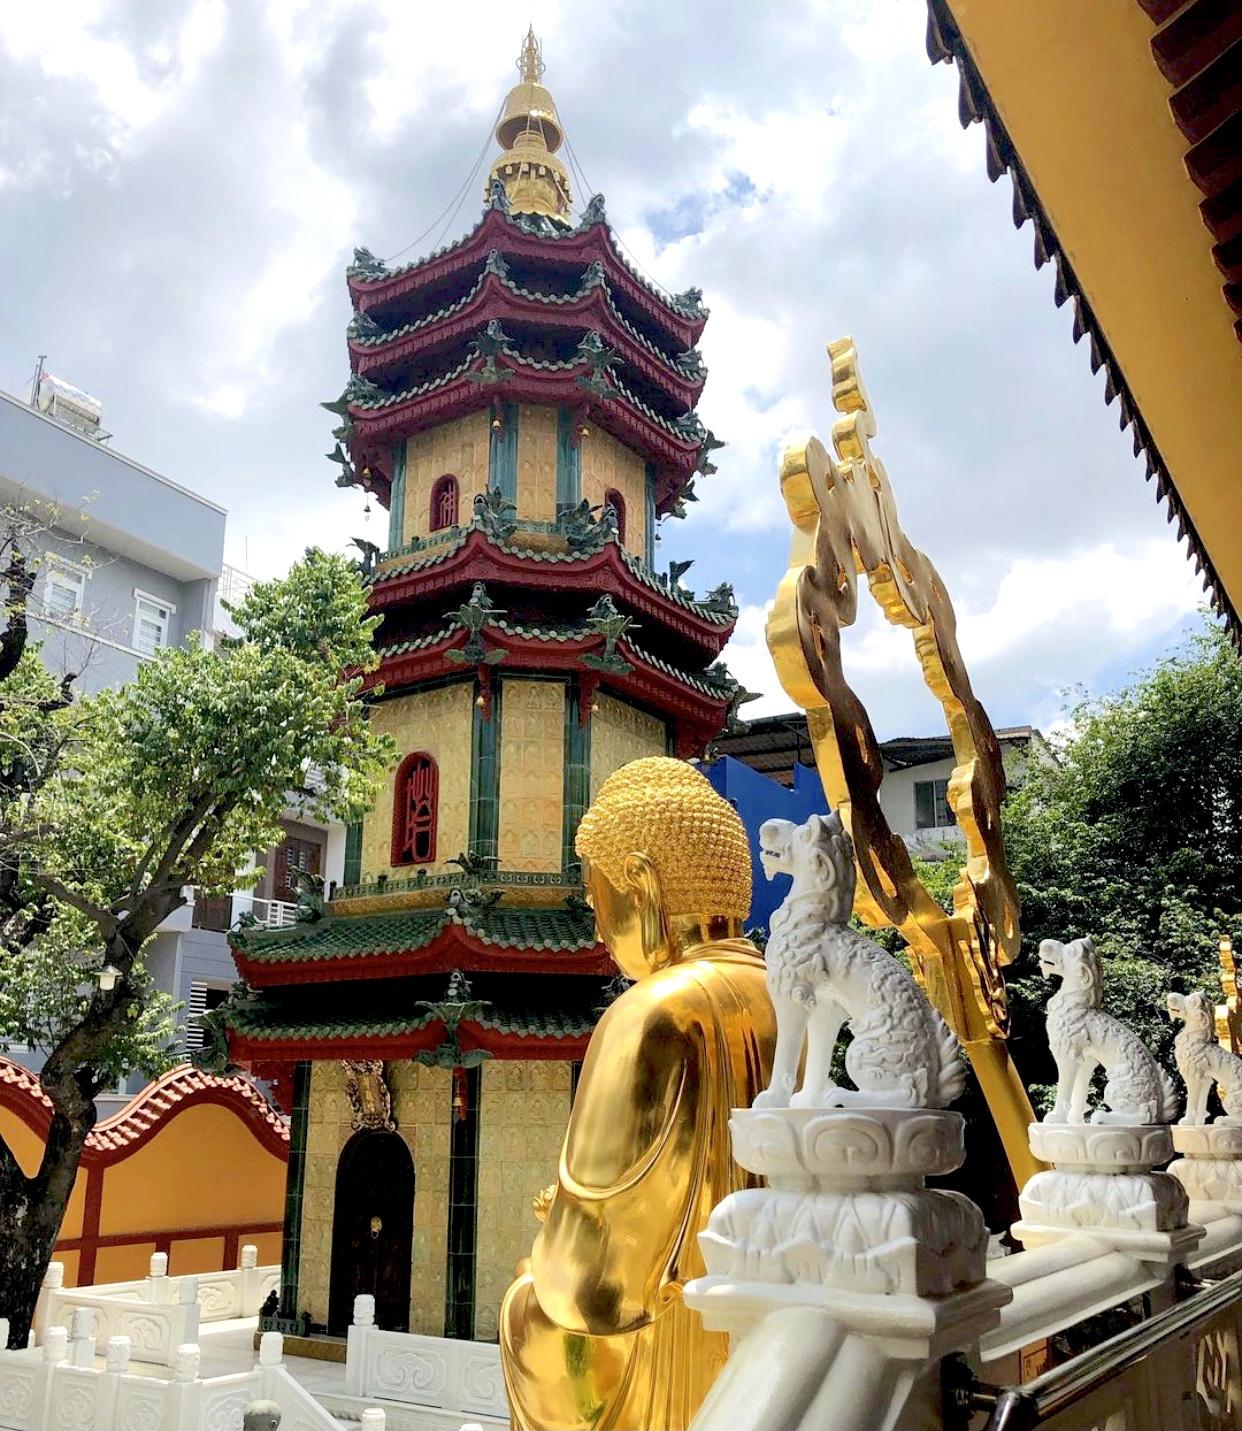 Nhung ngoi chua noi tieng Viet Nam anh 1  - img_8365 - Loạt tháp chùa đạt kỷ lục ở Việt Nam